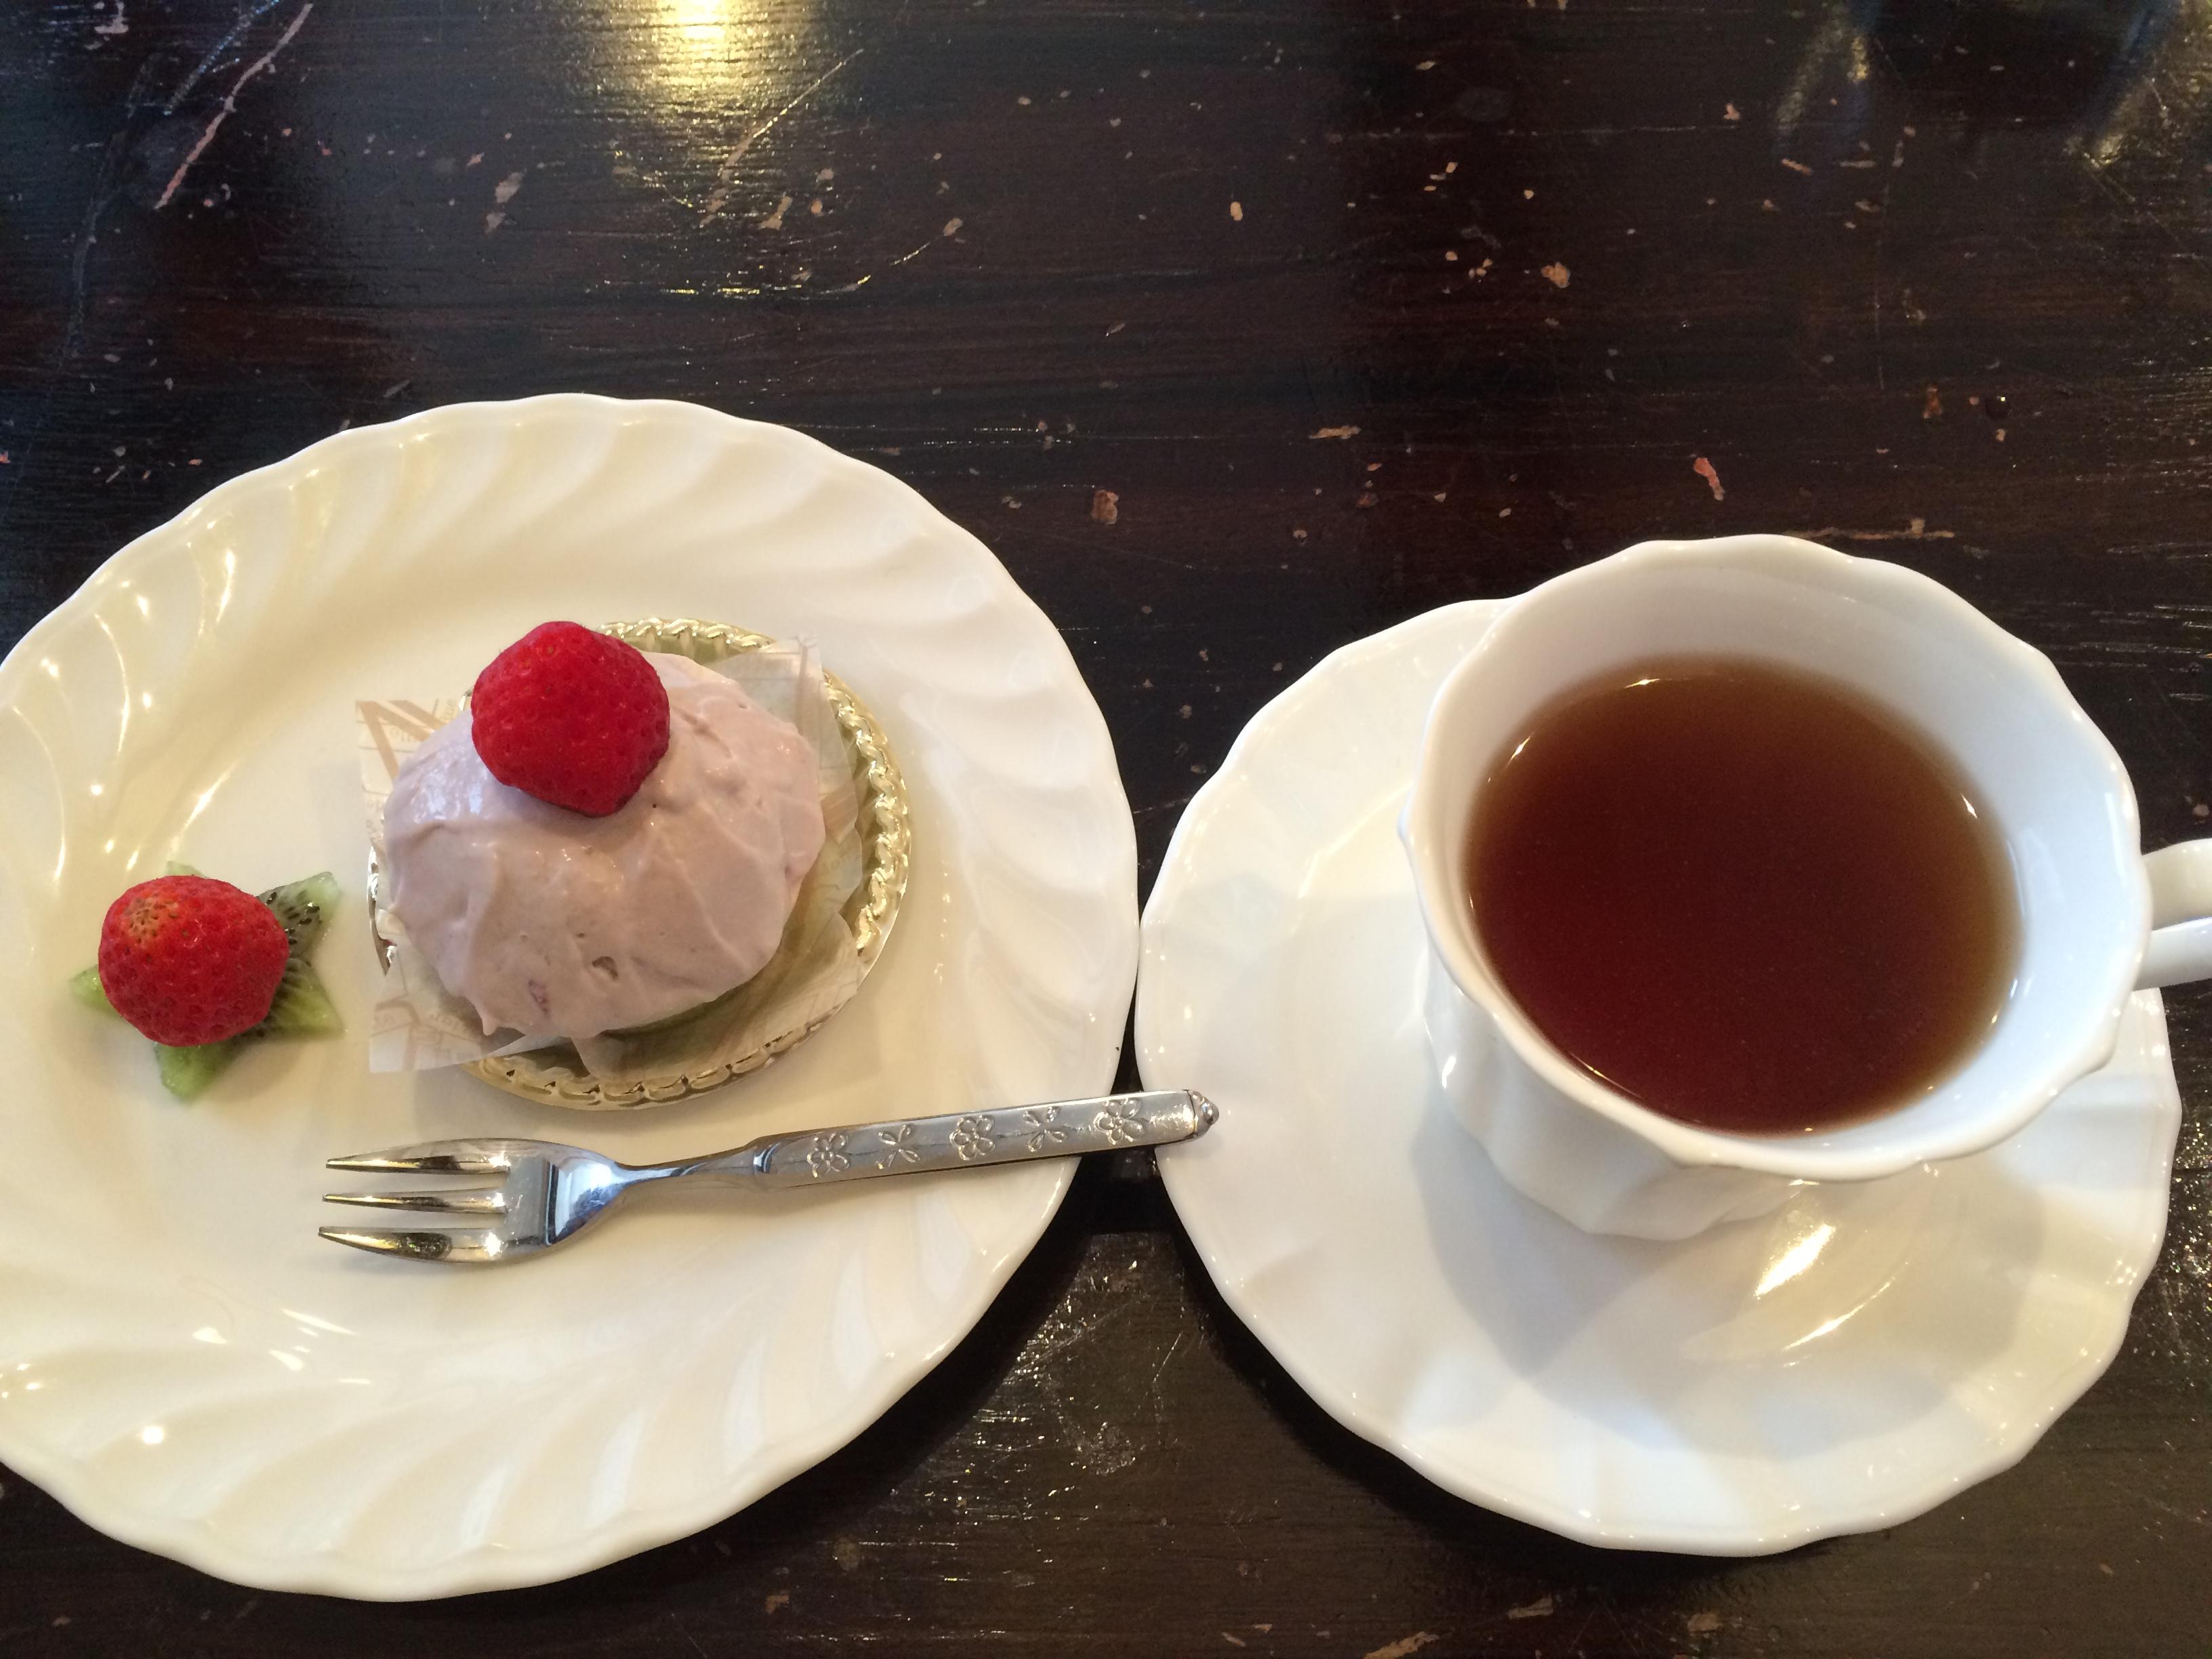 Tierra Shantiひなケーキとトゥルシーハーブティー